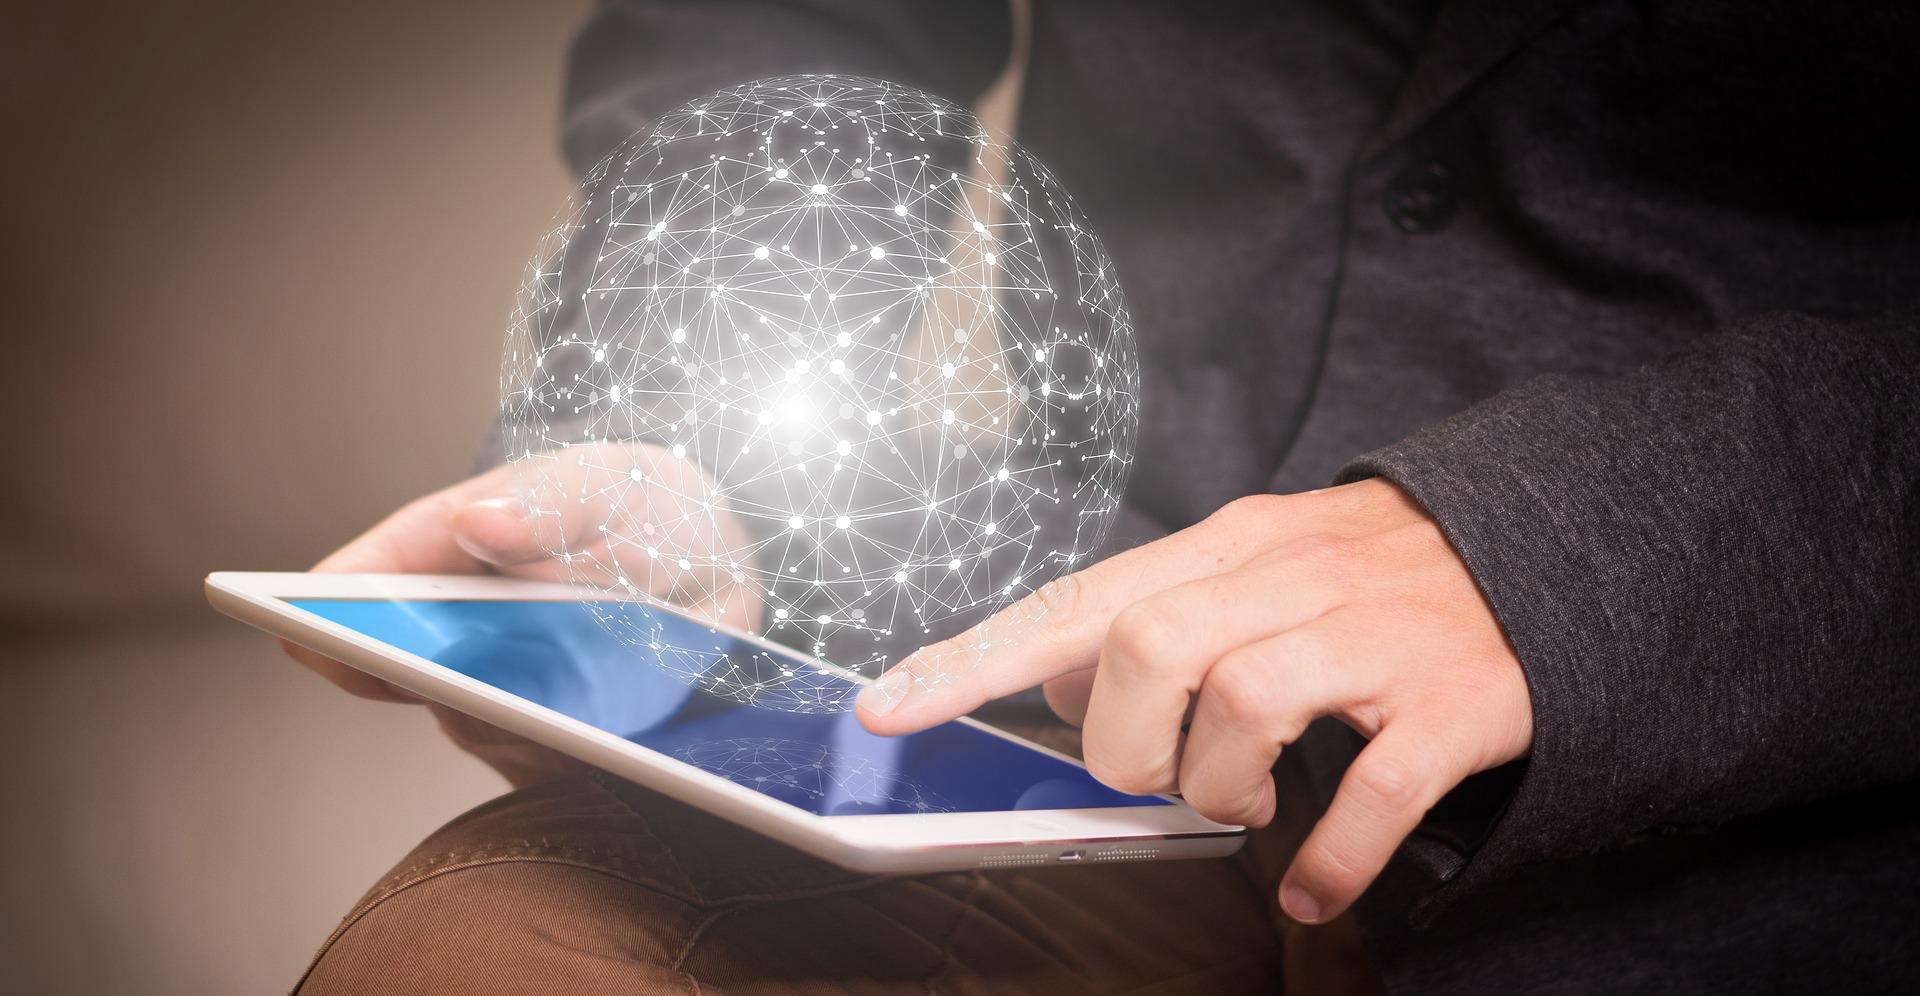 שירותים דיגיטליים לעסקים אילו שירותים יכולים לסייע לעסק שלך